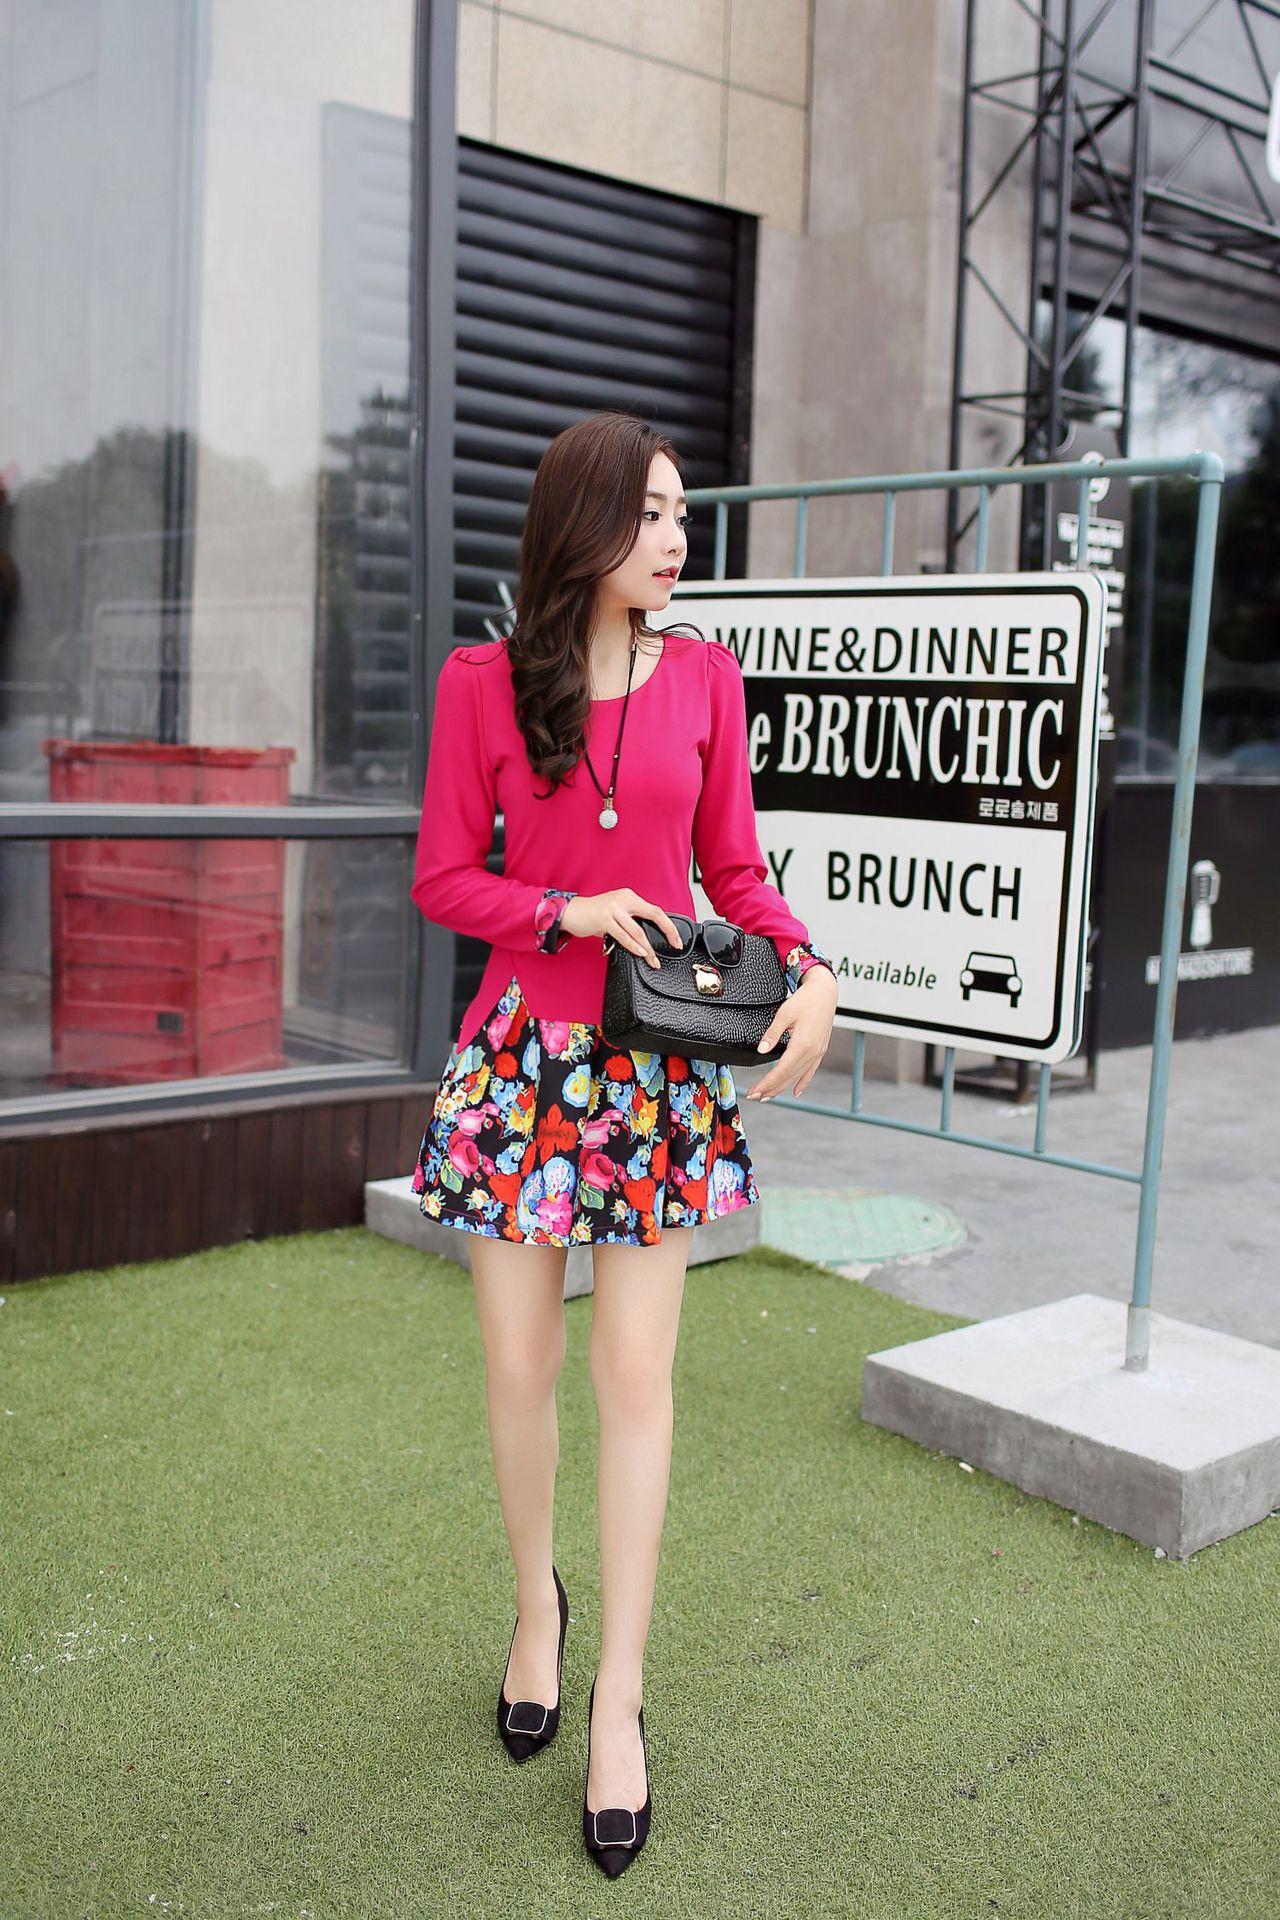 ชุดเดรสทำงานสีชมพูเข้ม ตัวเสื้อแขนยาว คอกลม เอวเข้ารูป กระโปรงชีฟอง ลายดอกไม้